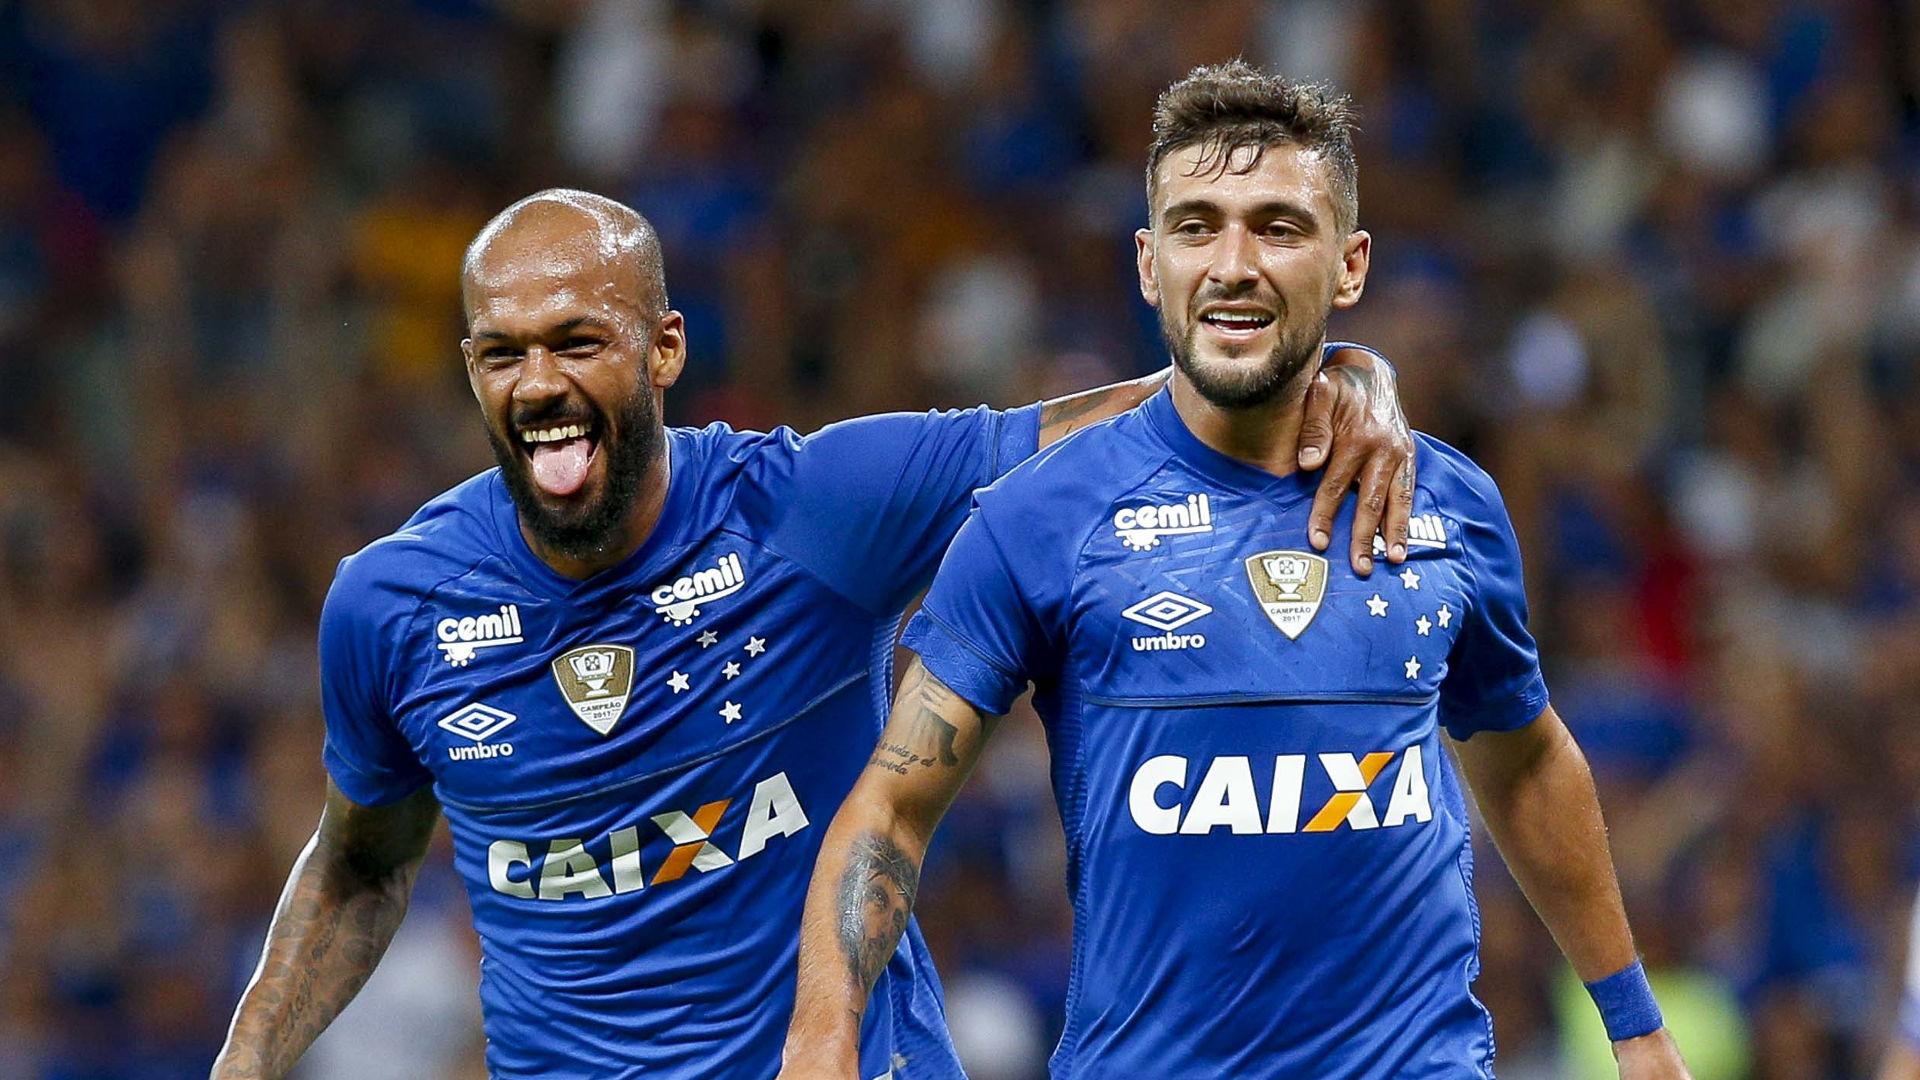 De Arrascaeta Bruno Silva Cruzeiro URT Mineiro 07032018